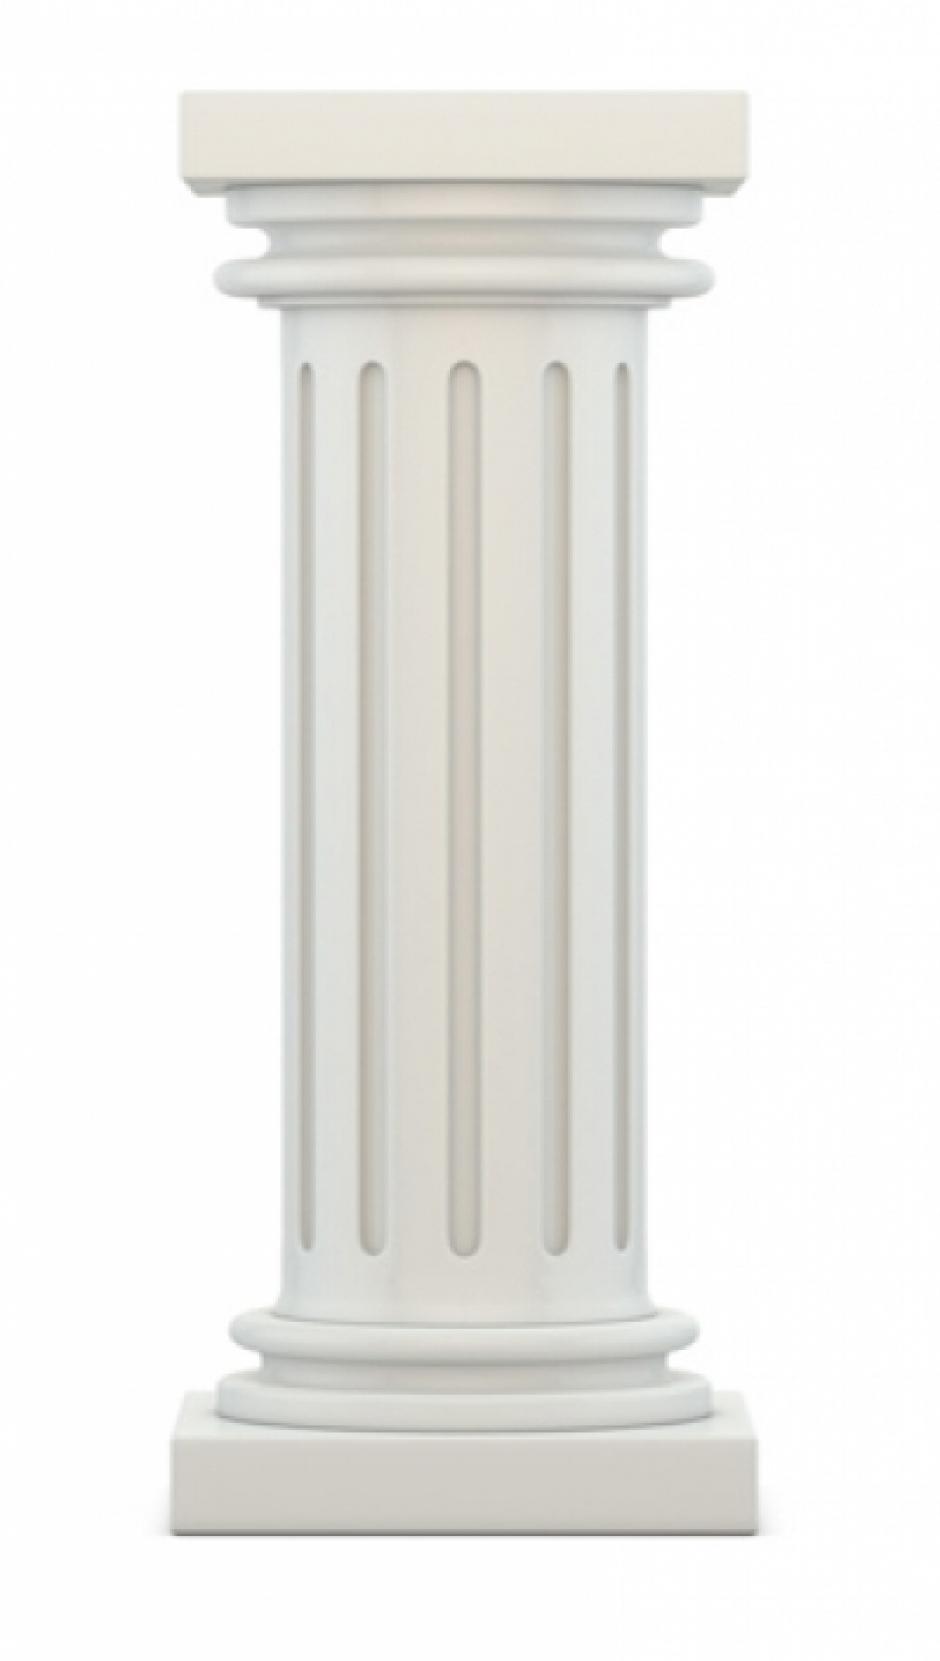 Columnas de marmol blanco materiales de construcci n for Materiales de construccion marmol